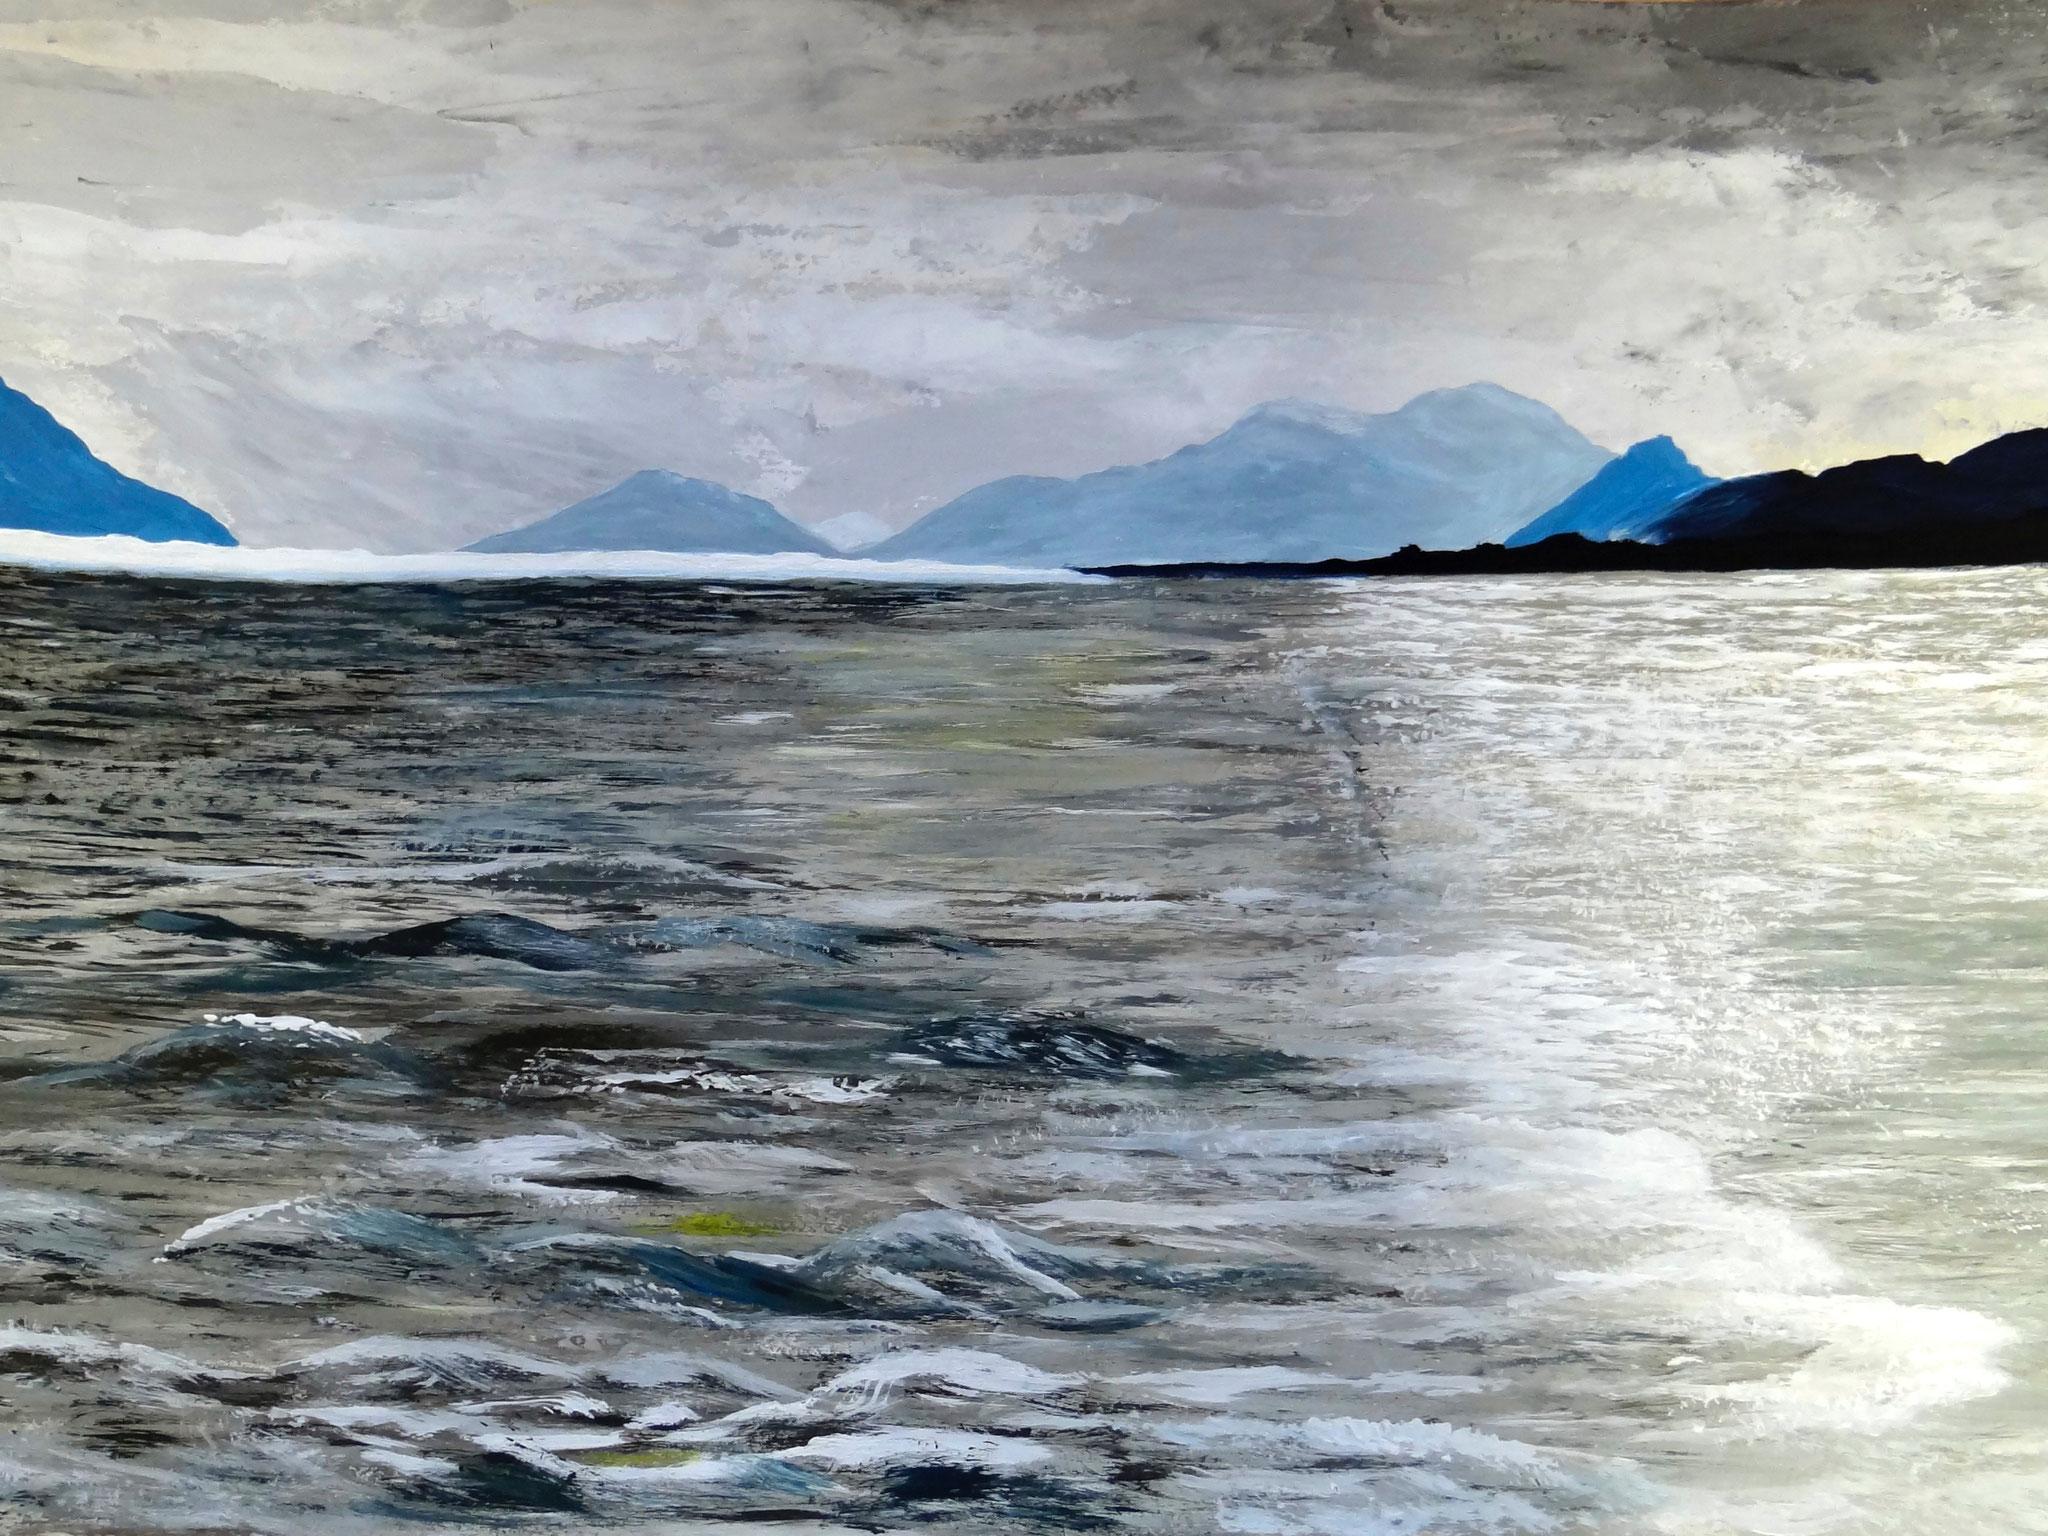 Alaska 1 , 70 x 50 cm, Acrylfarben auf Papier, signiert und datiert 2013